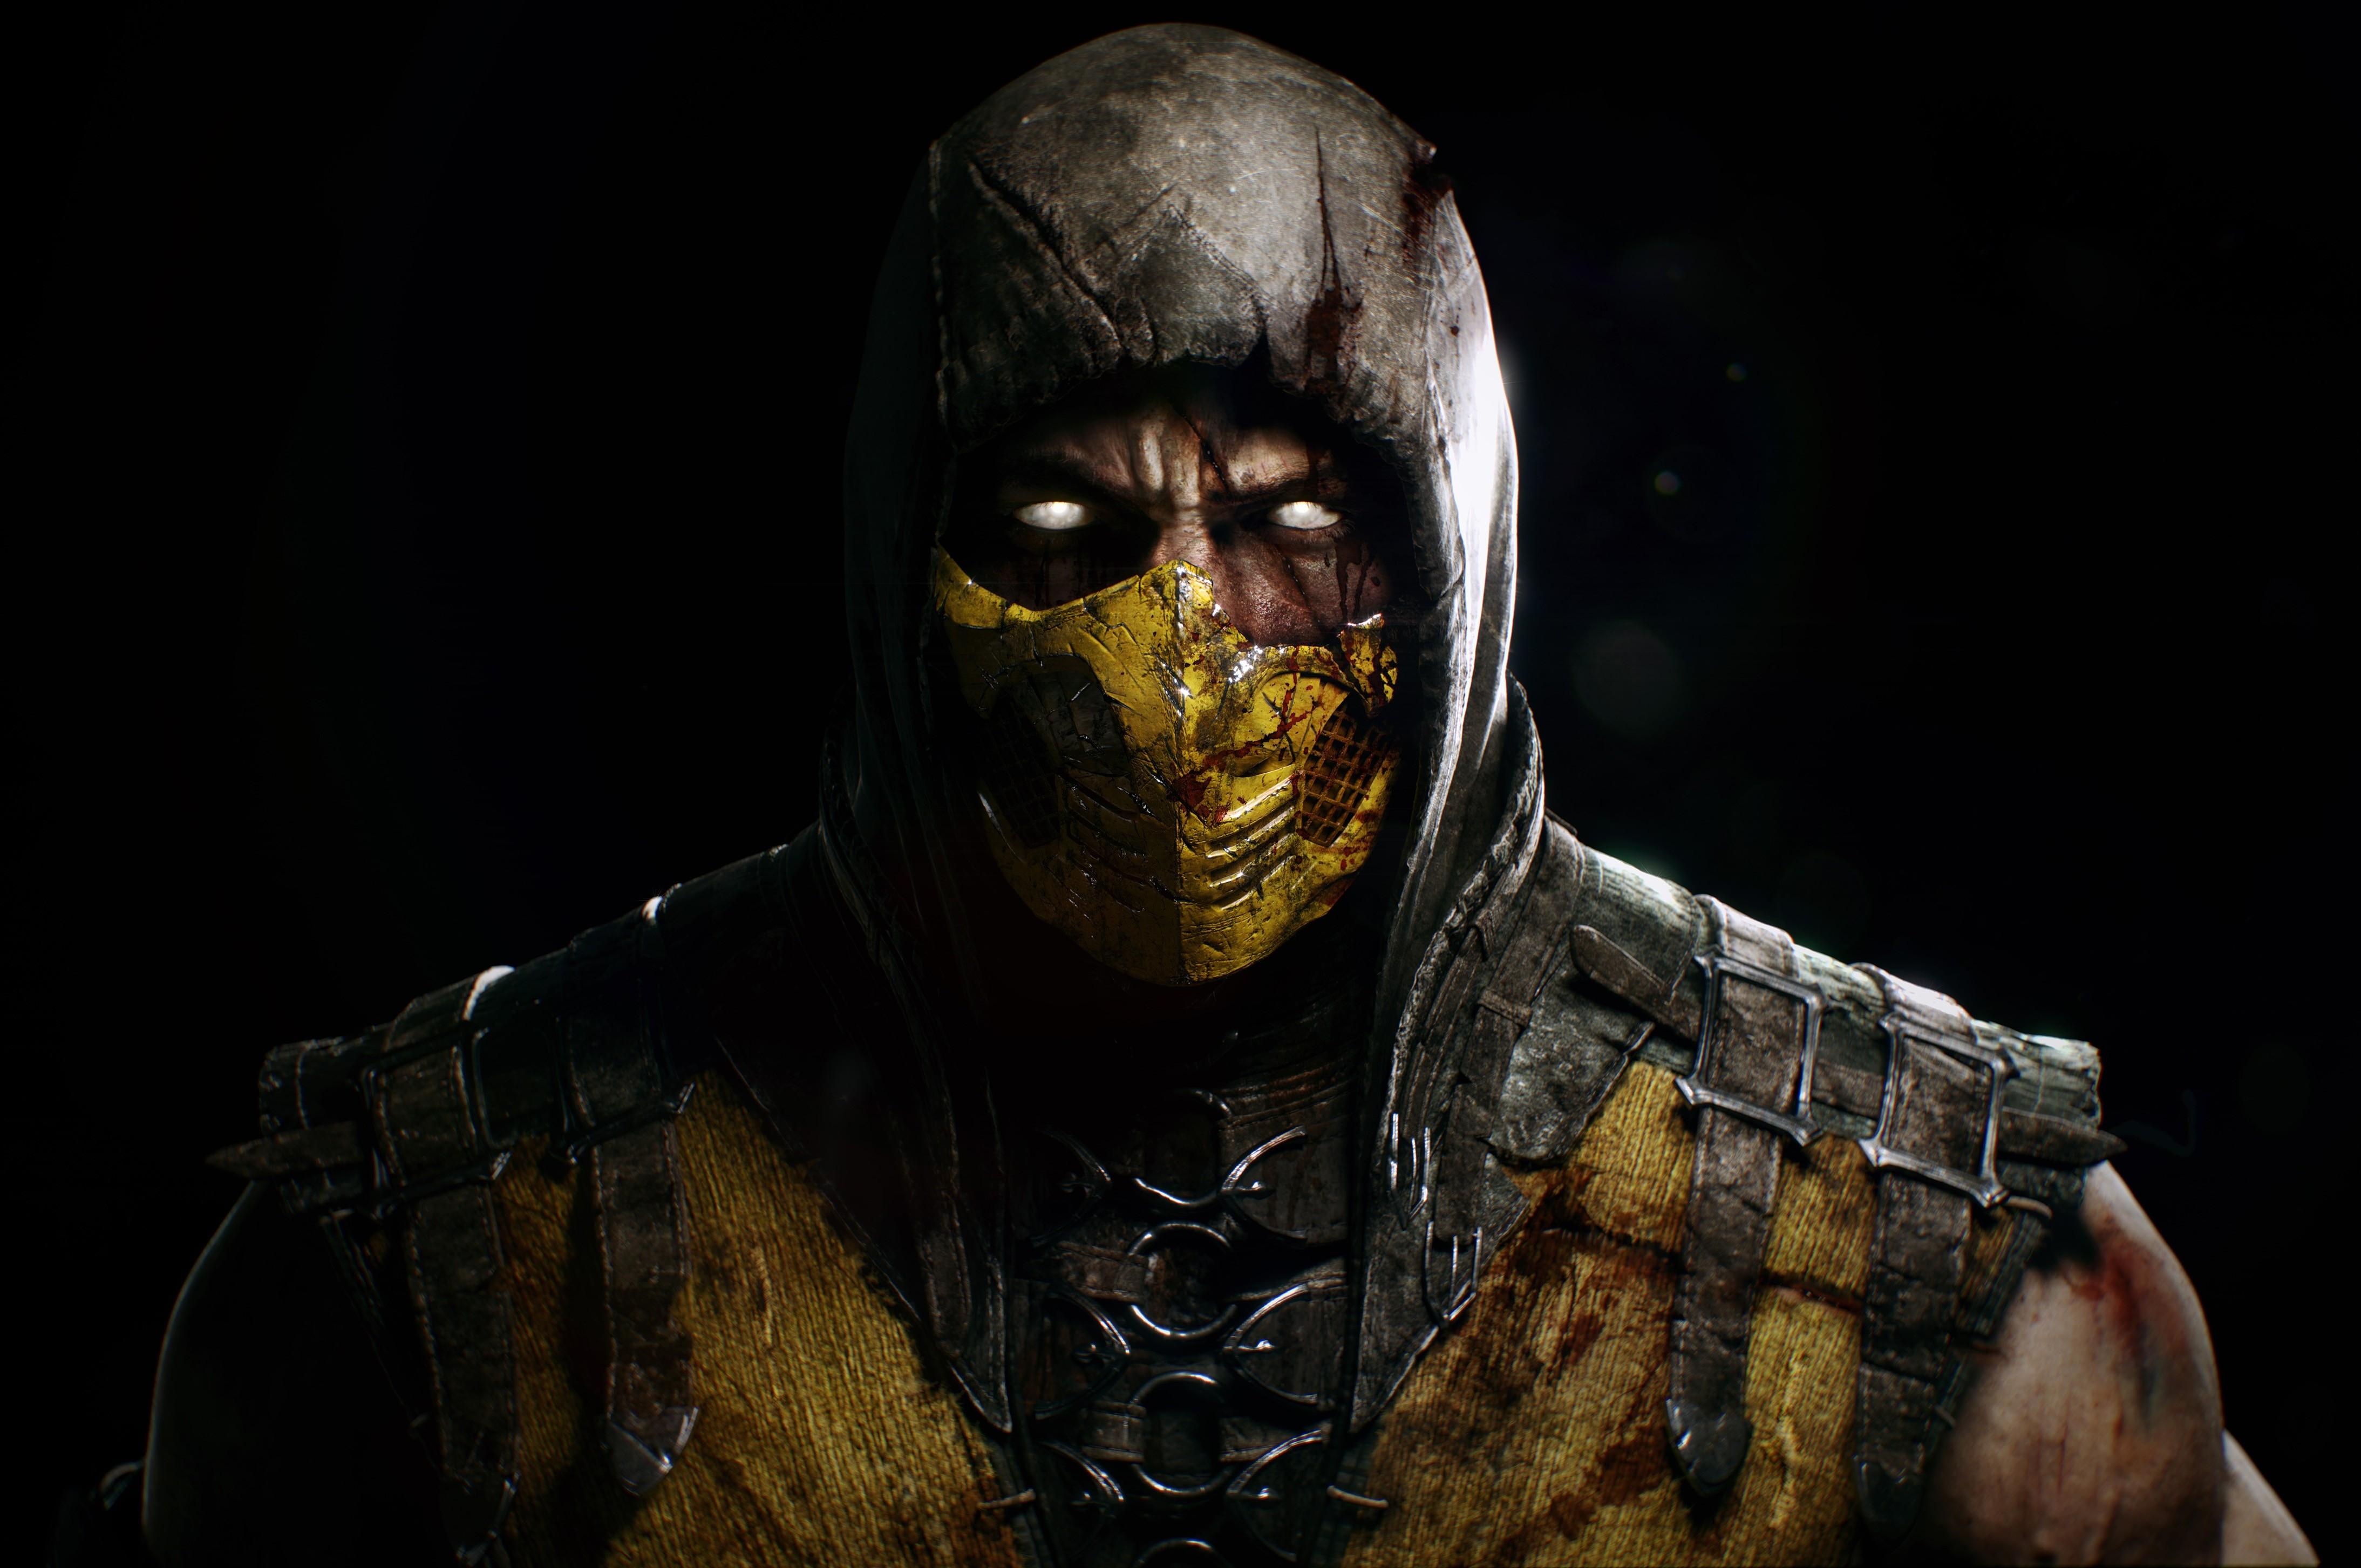 Hintergrundbilder 4375x2906 Px Gesicht Mortal Kombat X